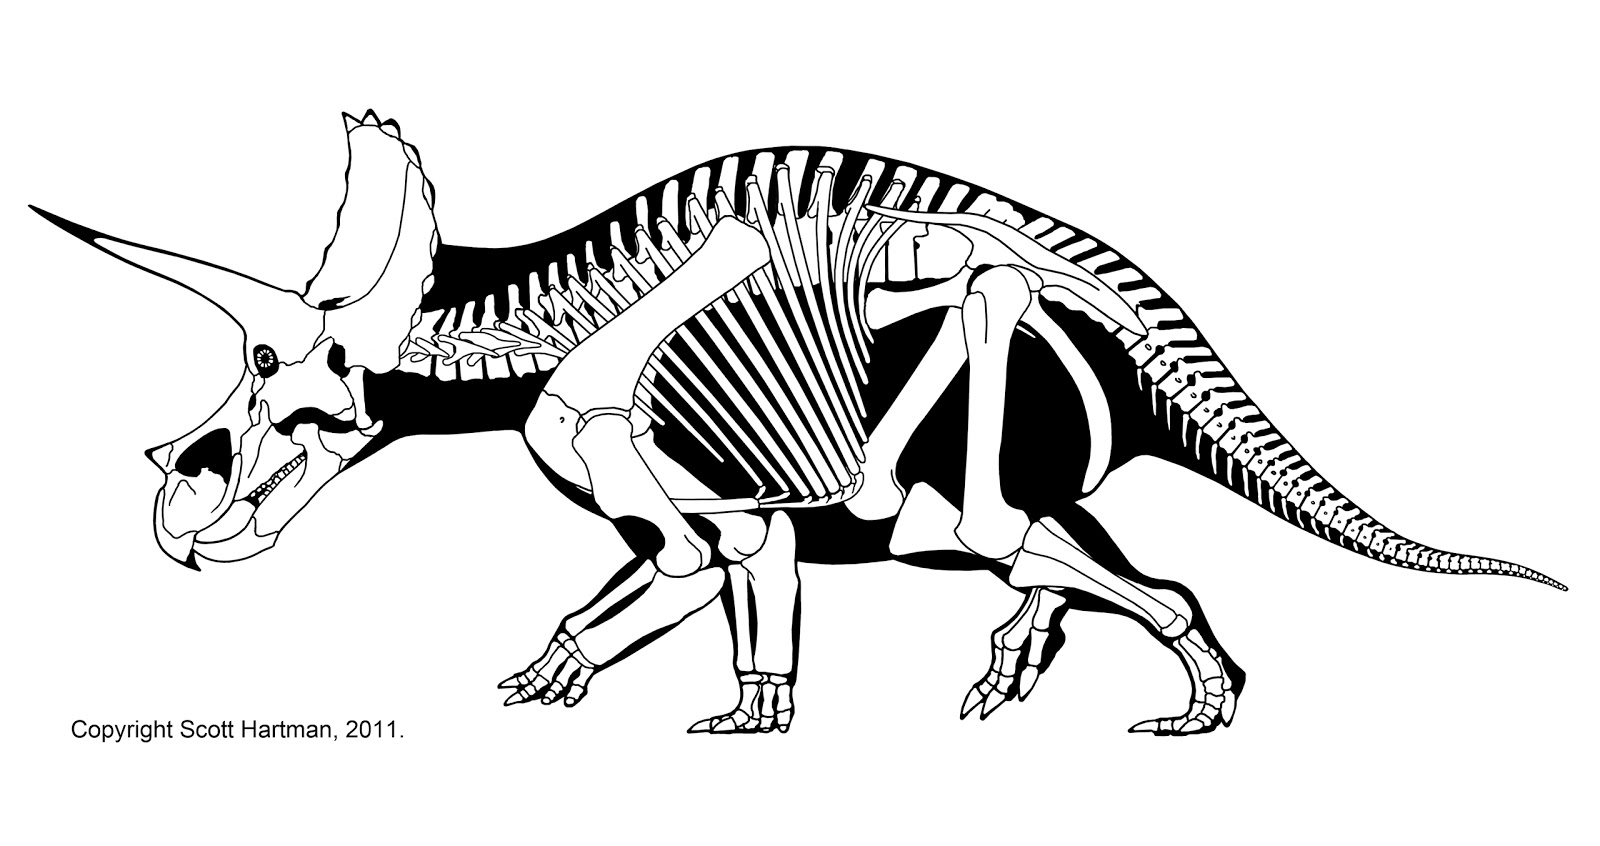 Paleo Illustrata Building A Dinosaur